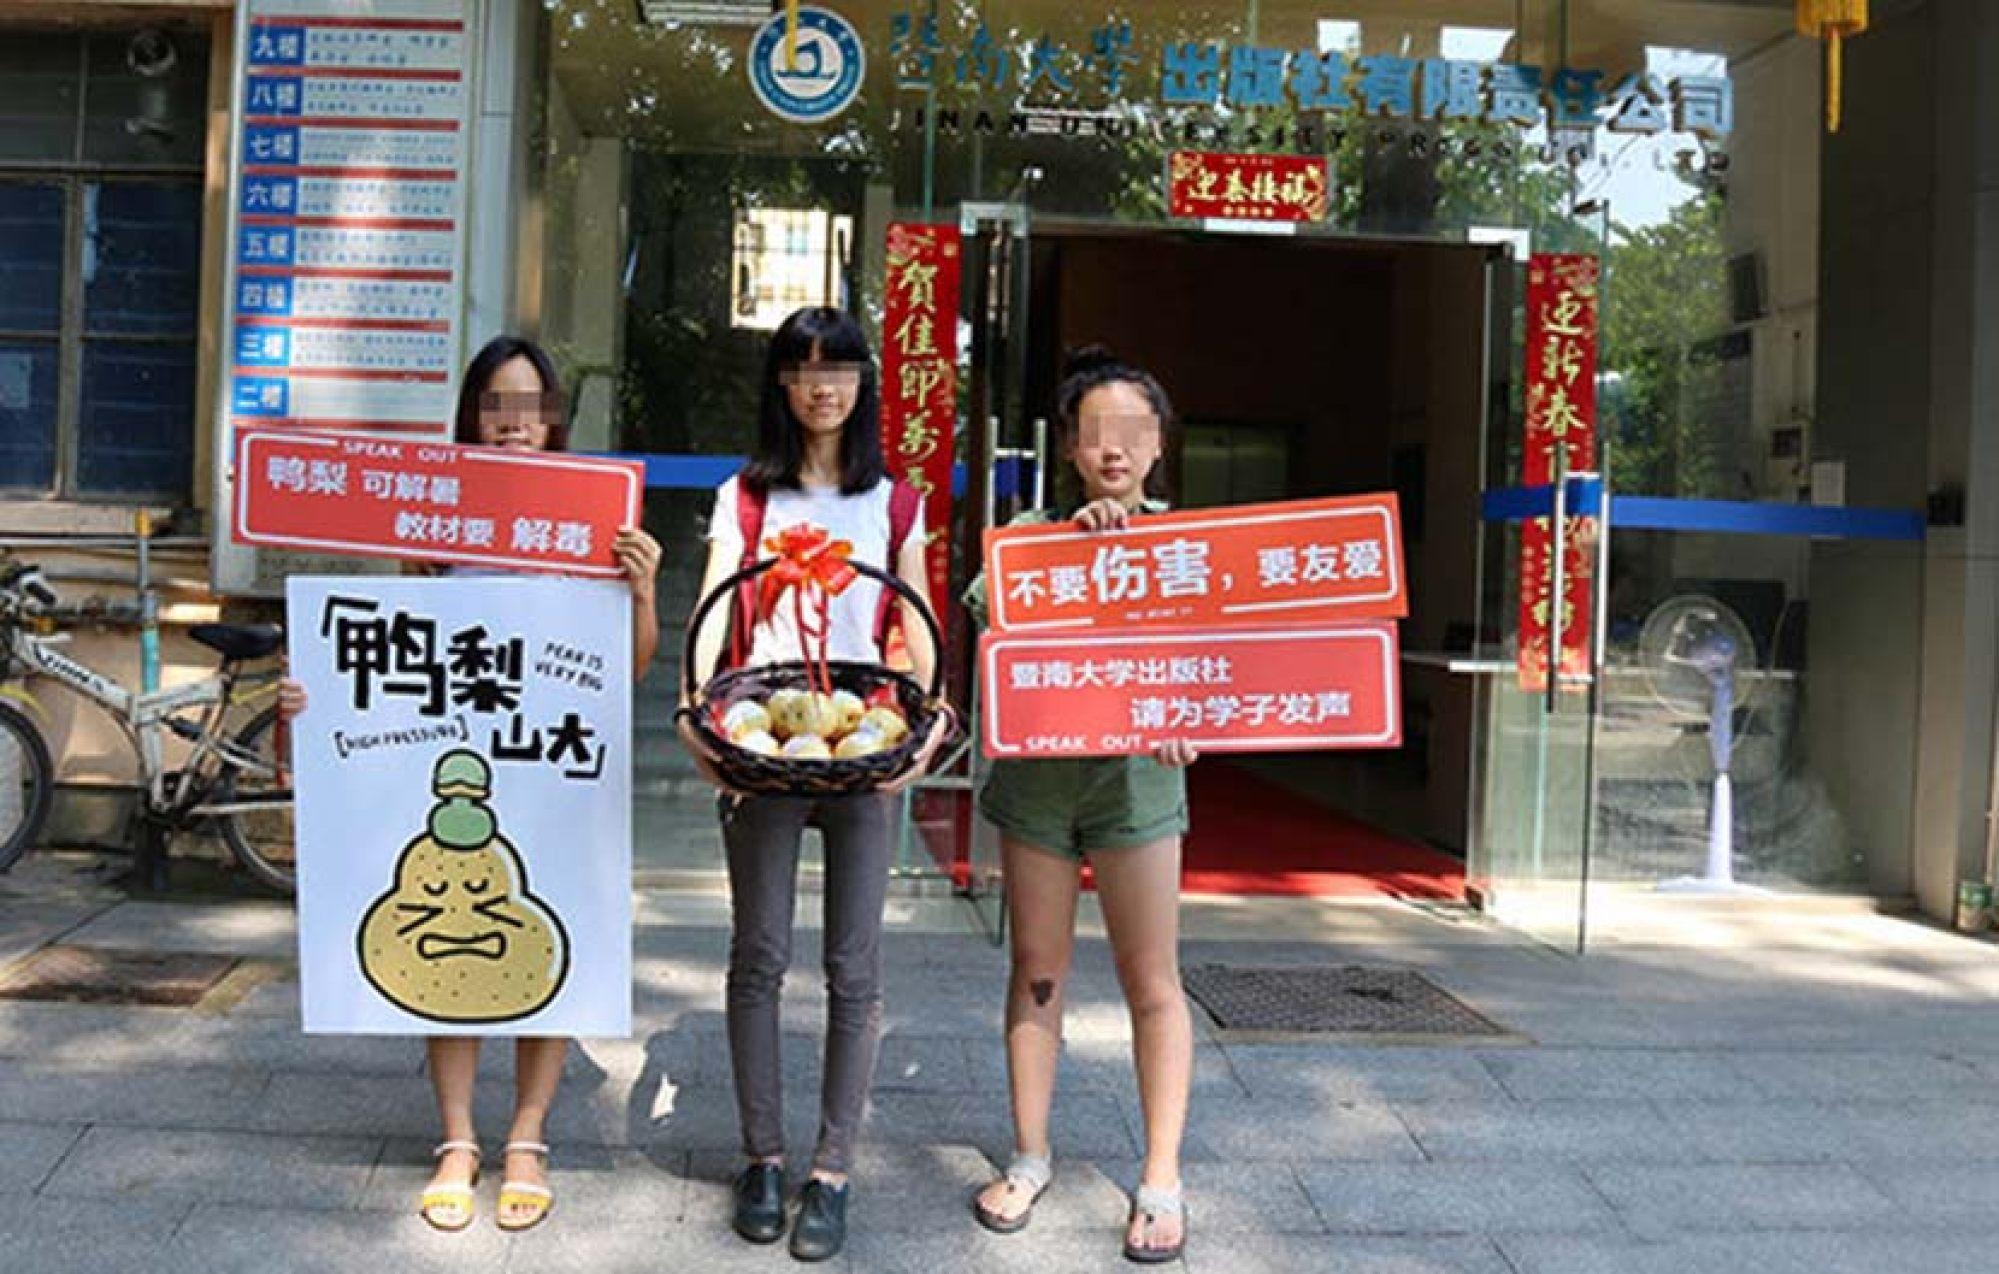 Xixi y sus amigos protestaron contra el libro de texto frente a la oficina de su editor en Guangzhou, provincia de Guangdong en julio de 2016.